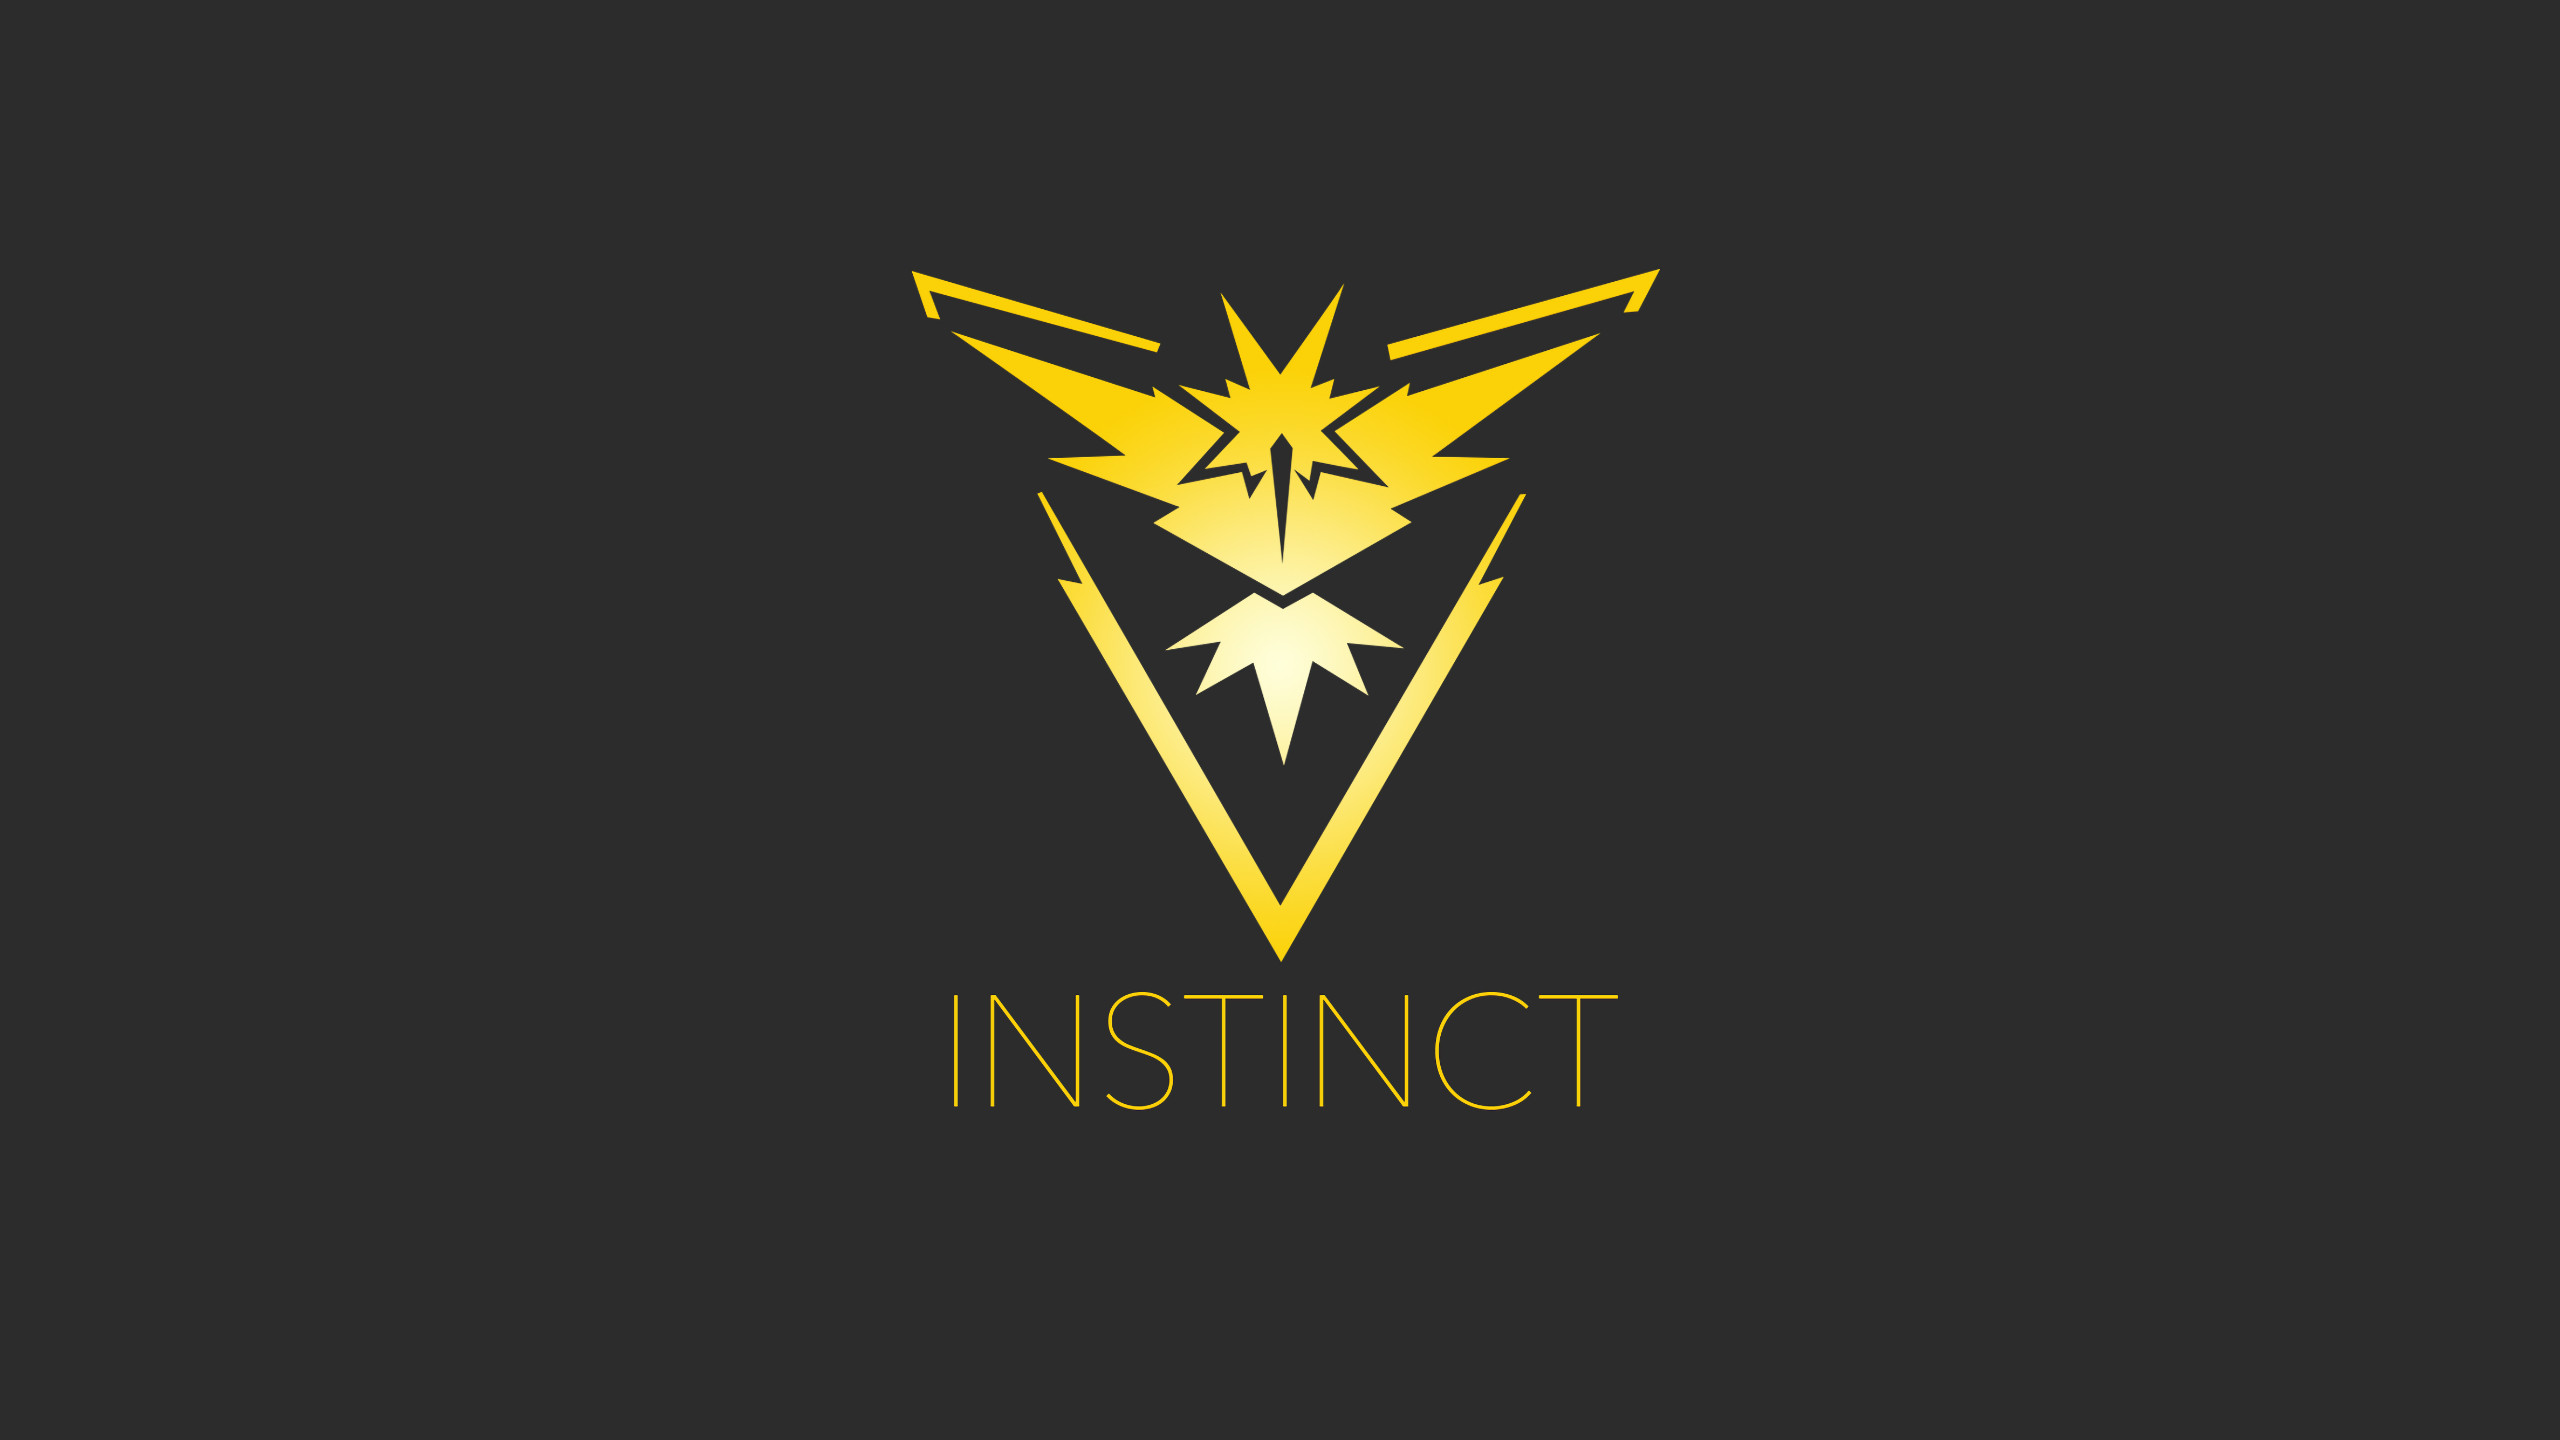 Video Game РPok̩mon GO Team Instinct Pokemon Go Wallpaper